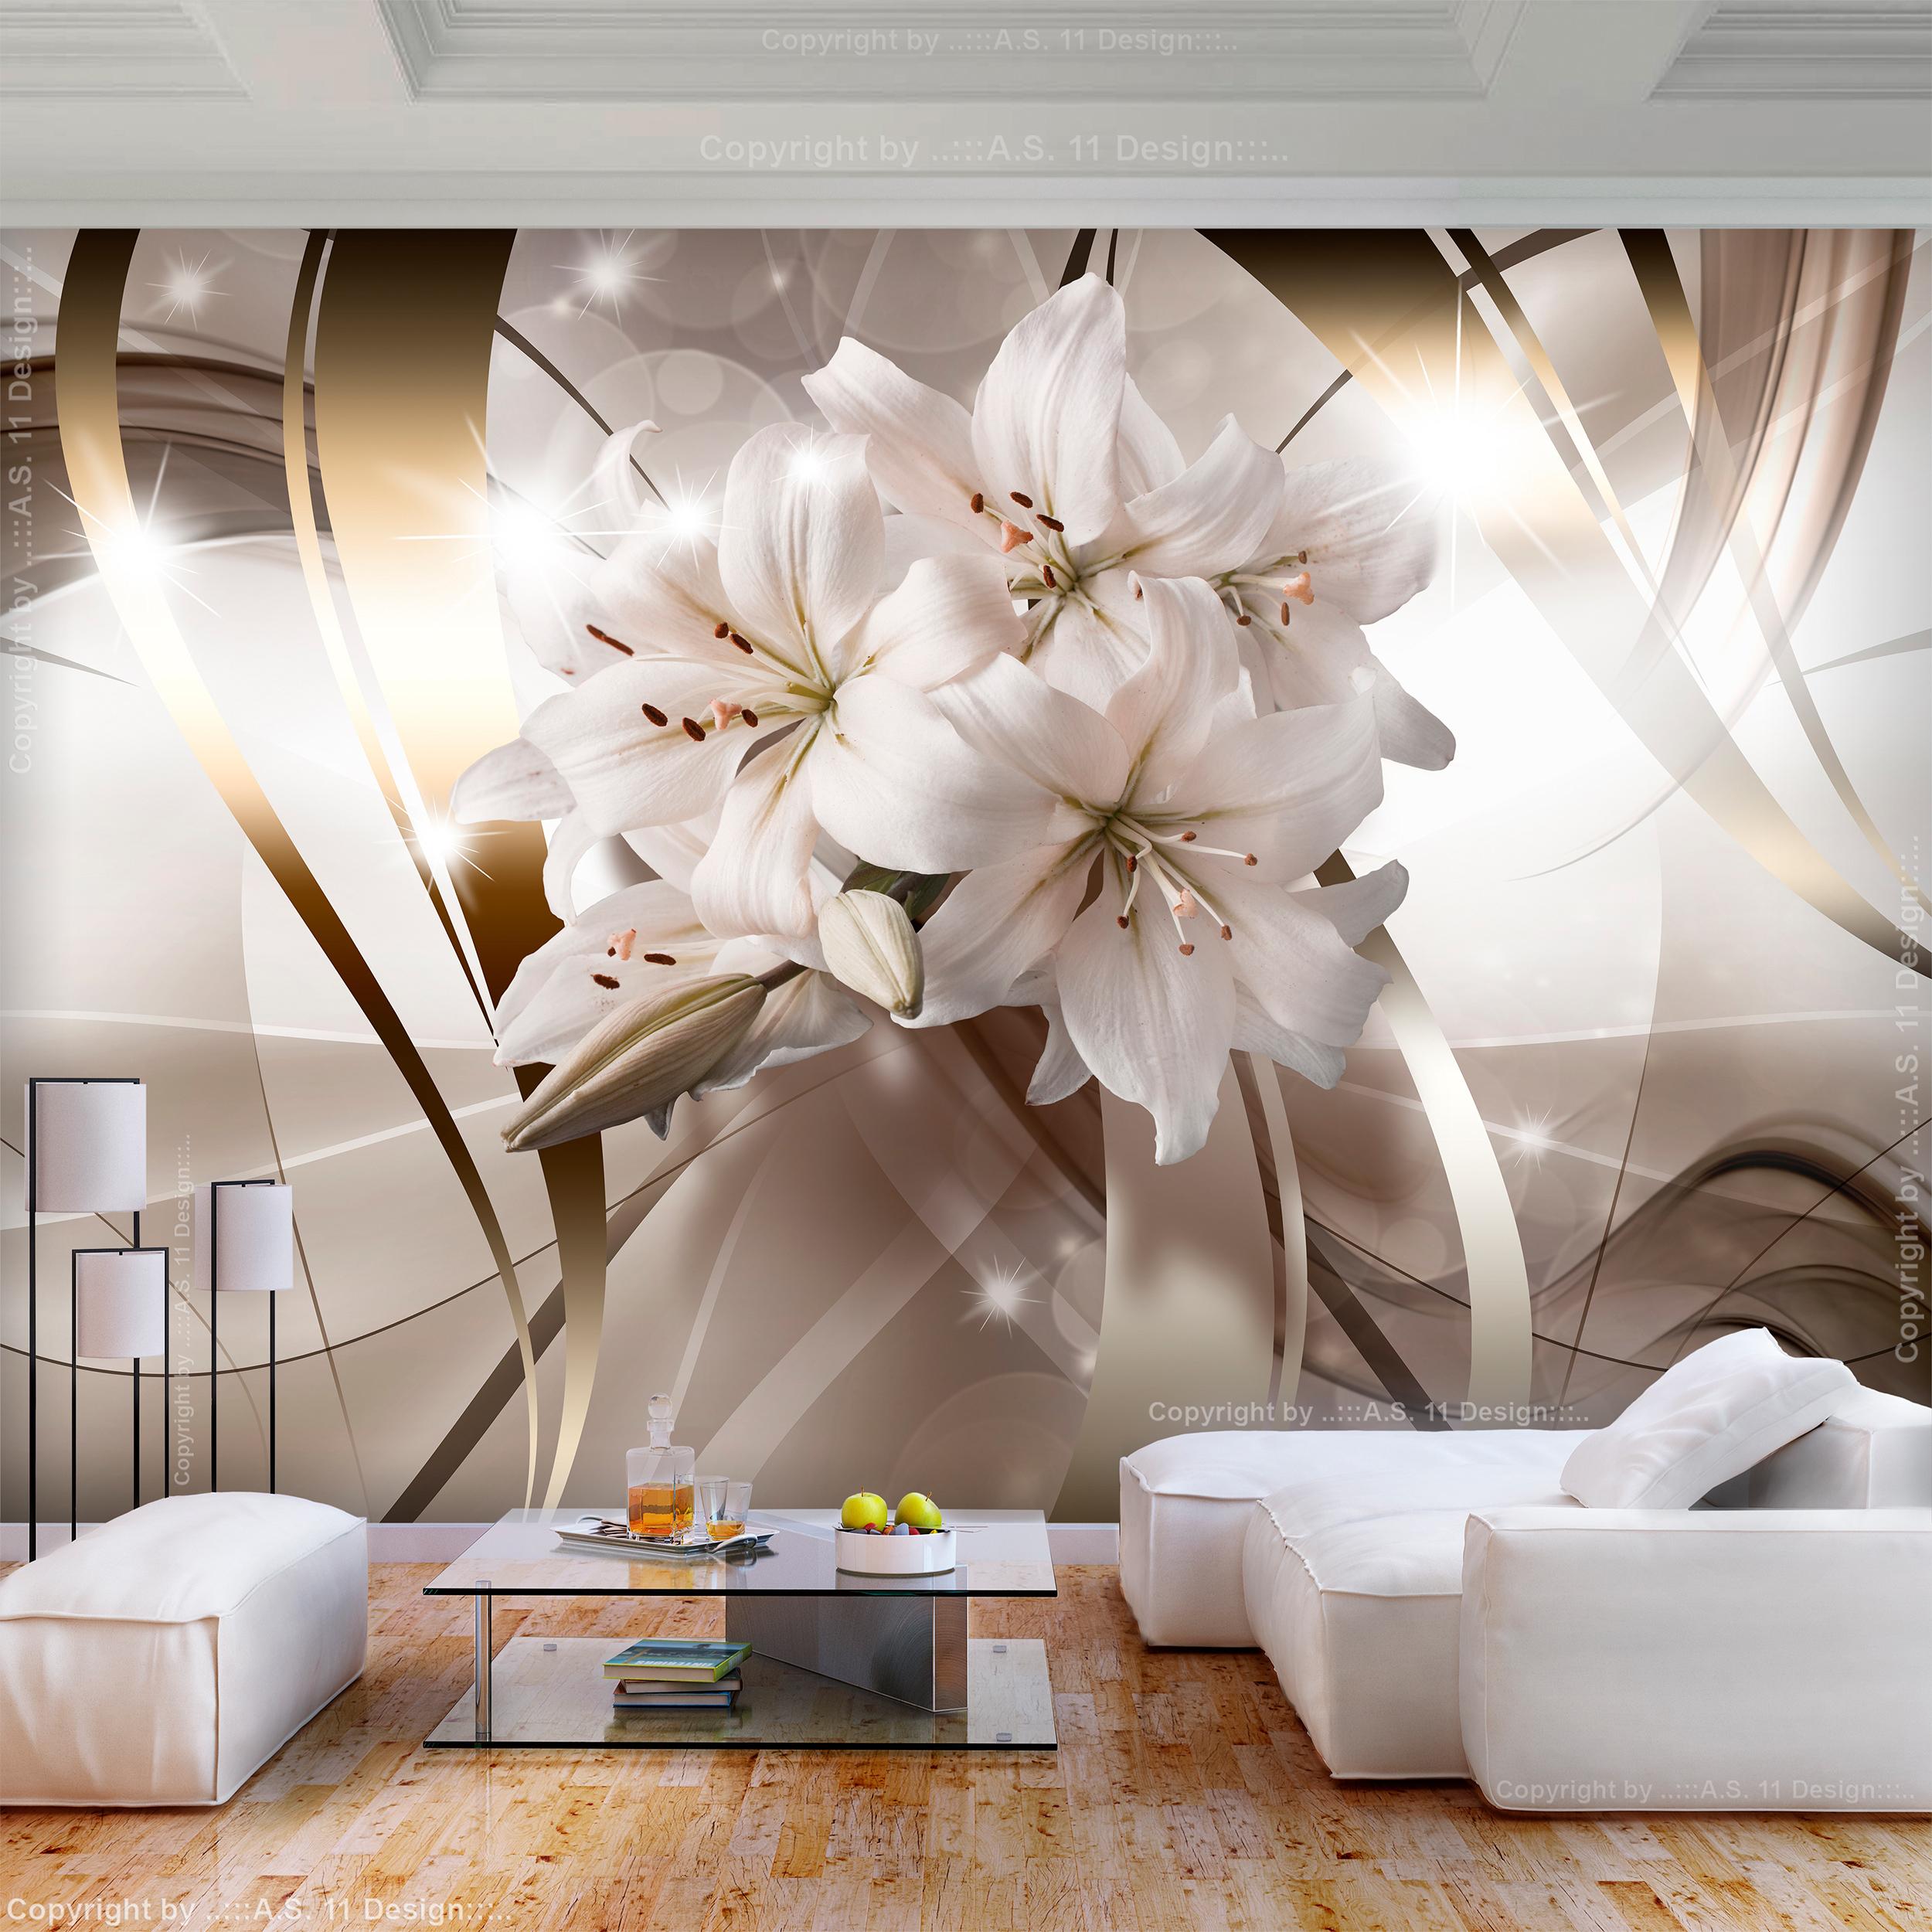 VLIES FOTOTAPETE Blumen Lilien weiß 3D effekt TAPETE